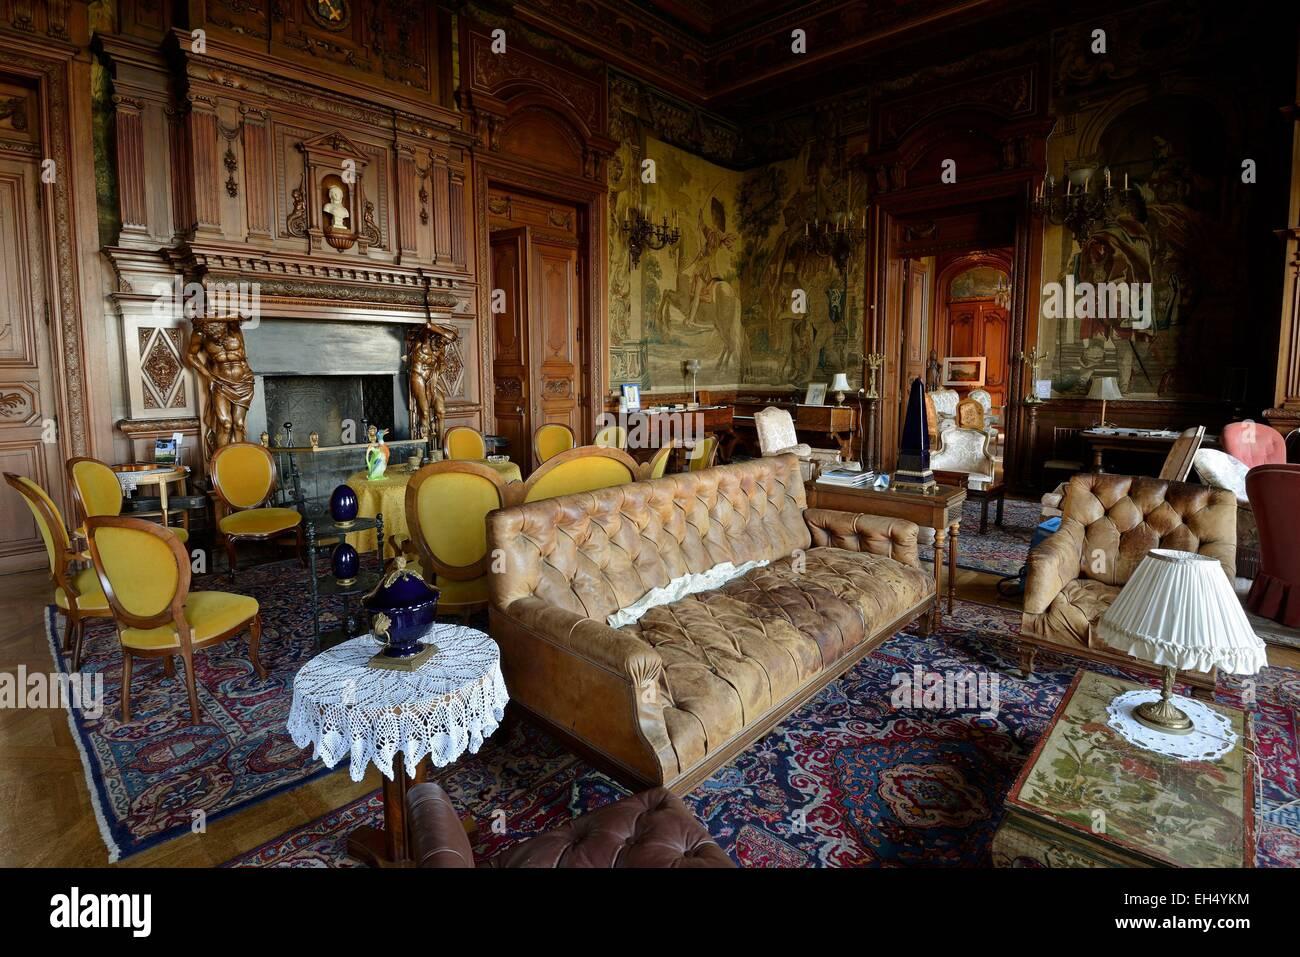 frankreich haute saone villersexel burg abgeschlossen im jahre 1890 wohnzimmer stockfoto. Black Bedroom Furniture Sets. Home Design Ideas